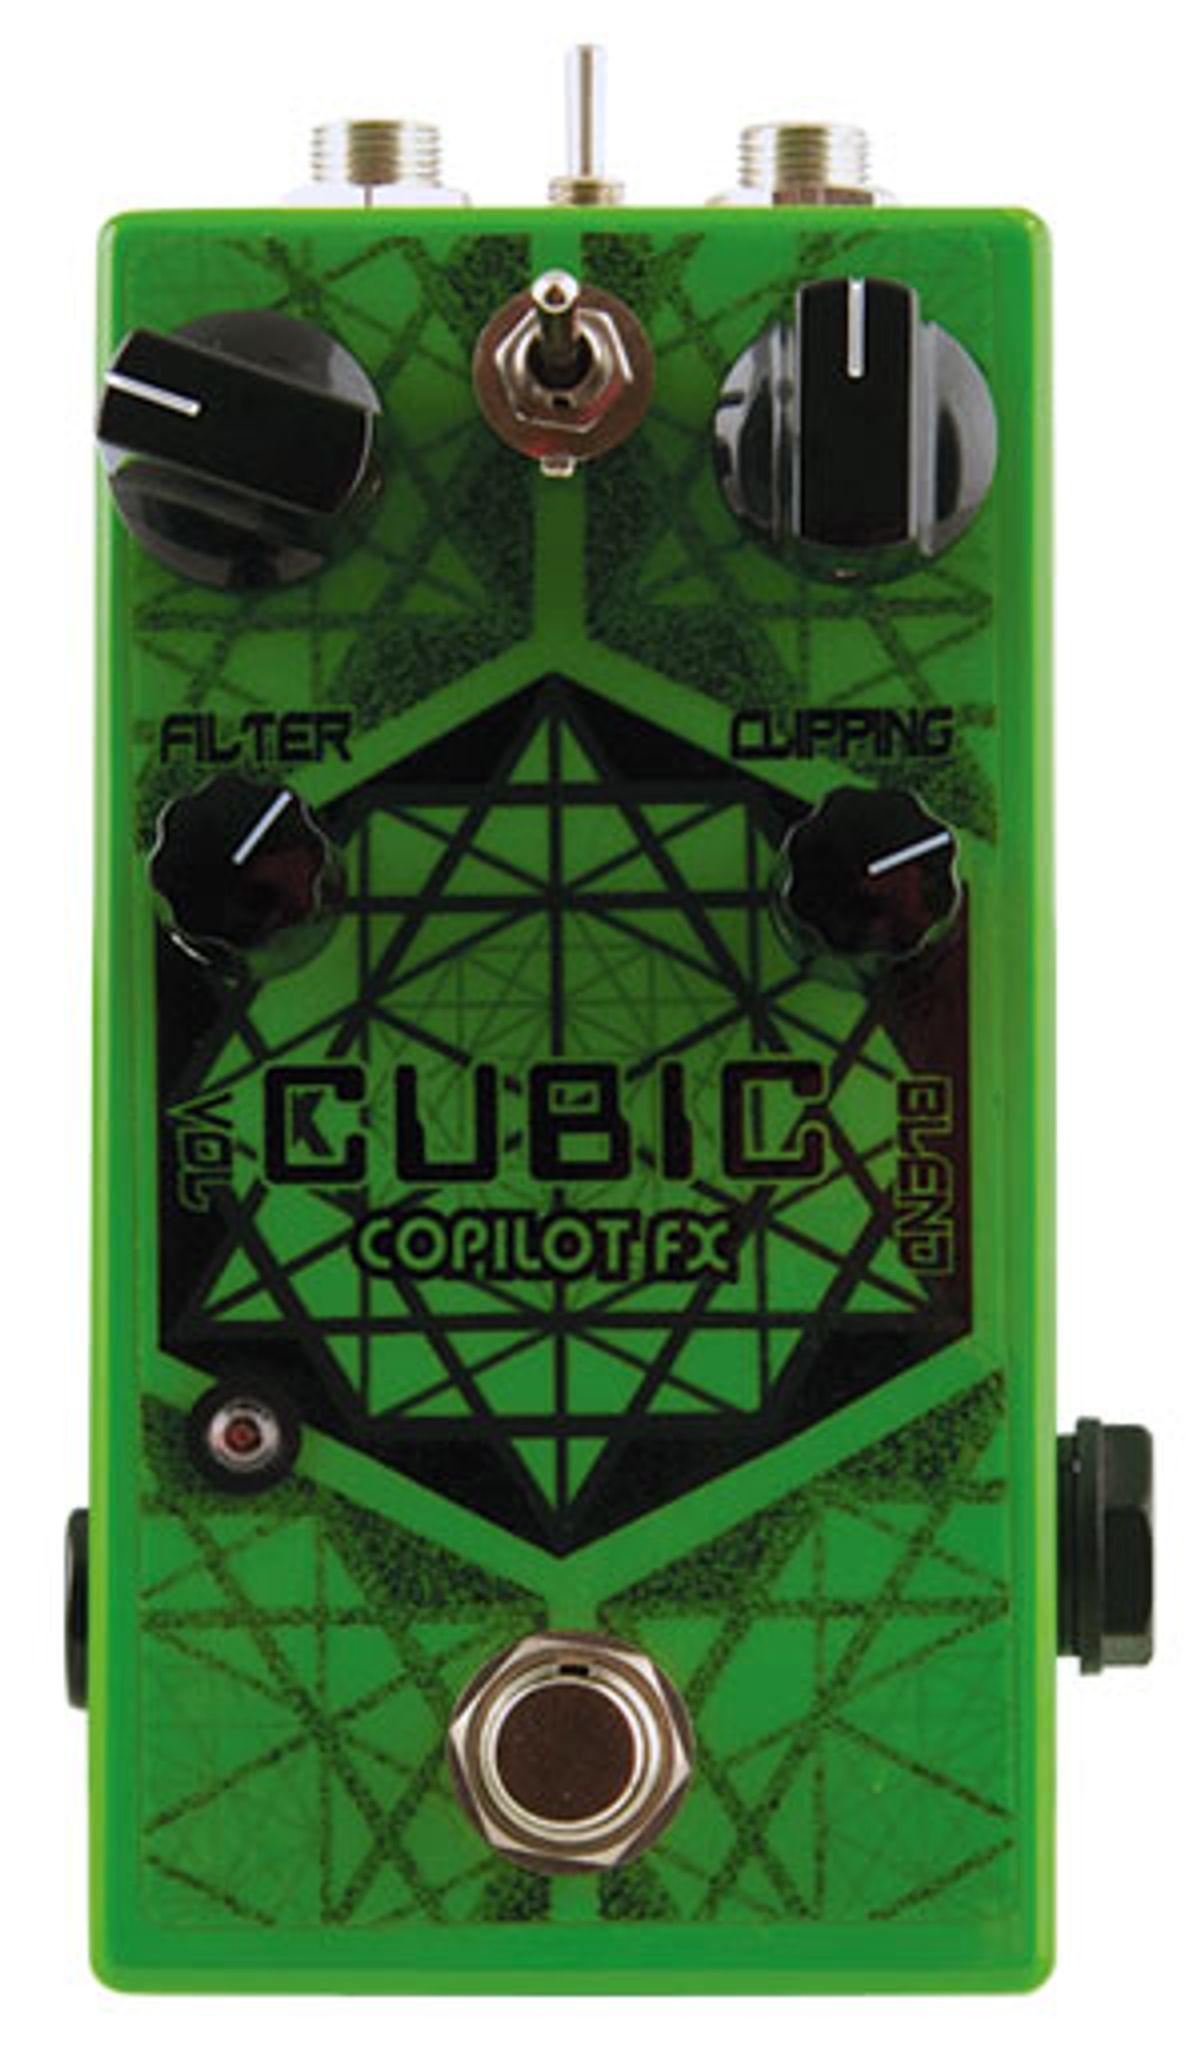 Copilot FX  Cubic Bass Octave Pedal Review